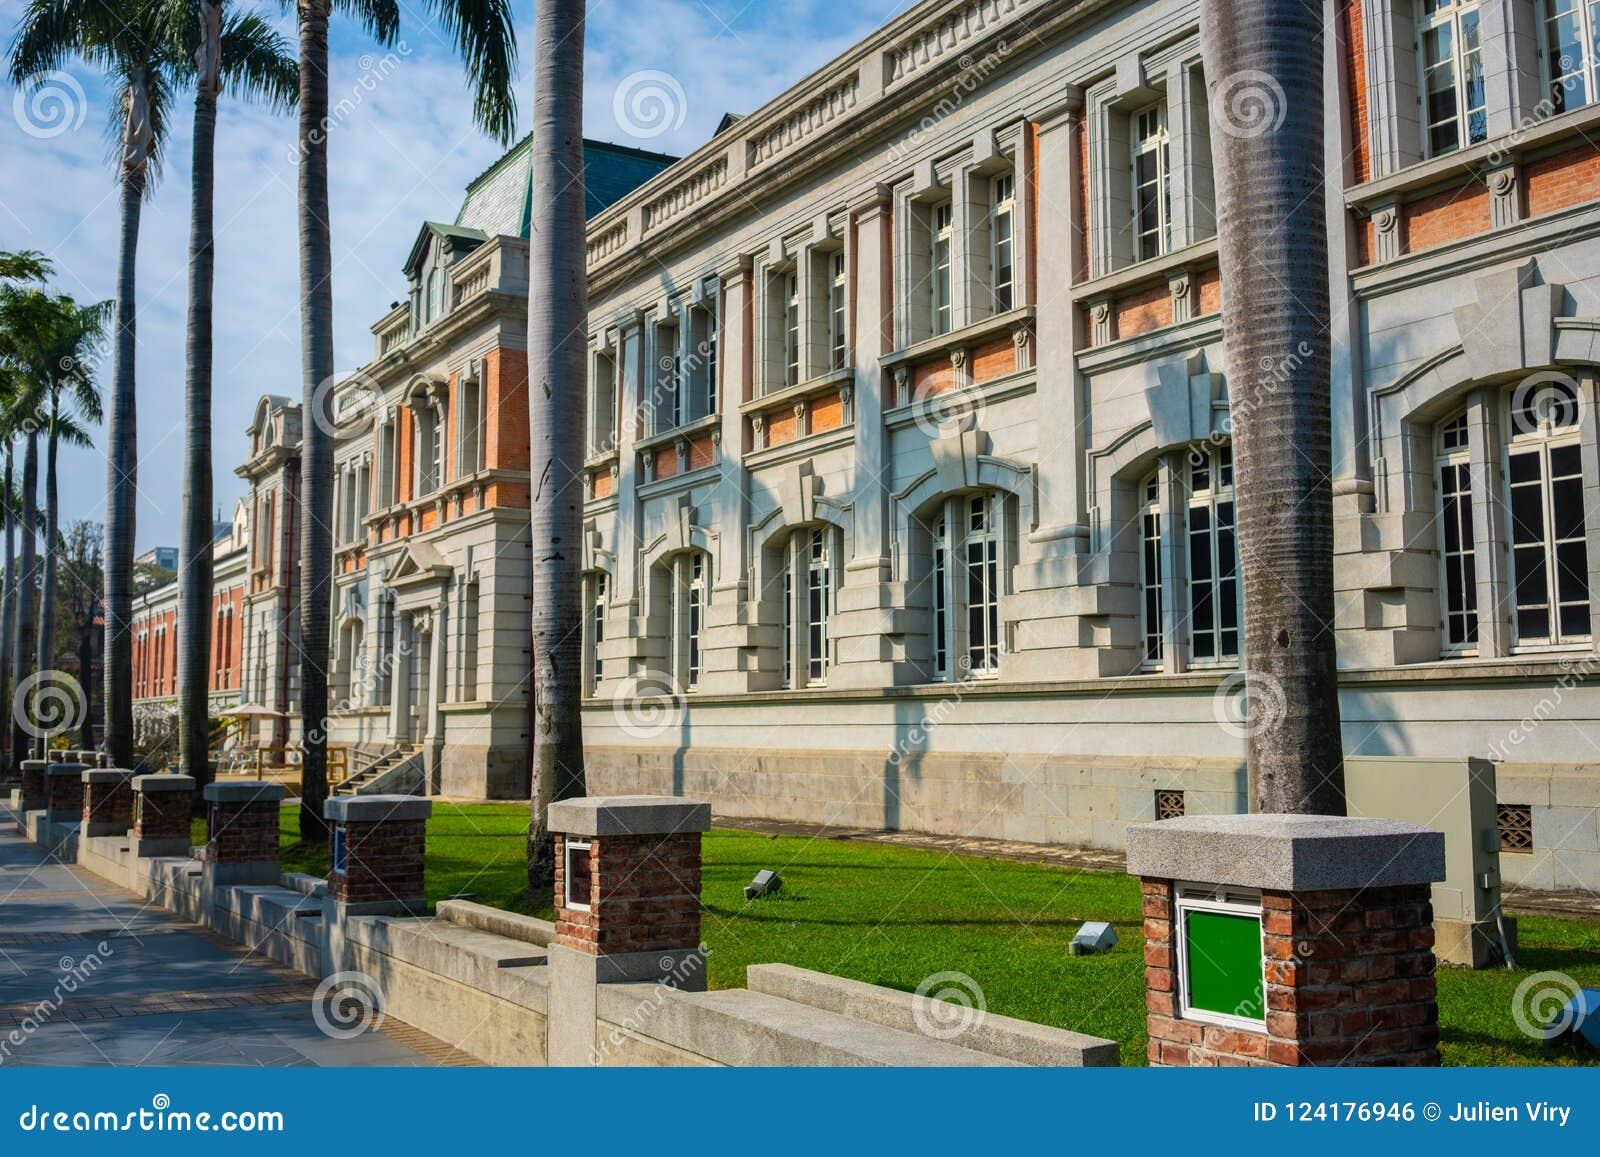 De vroegere overheid bouw van de Prefectuur van Tainan tijdens Japanse regel in Taiwan